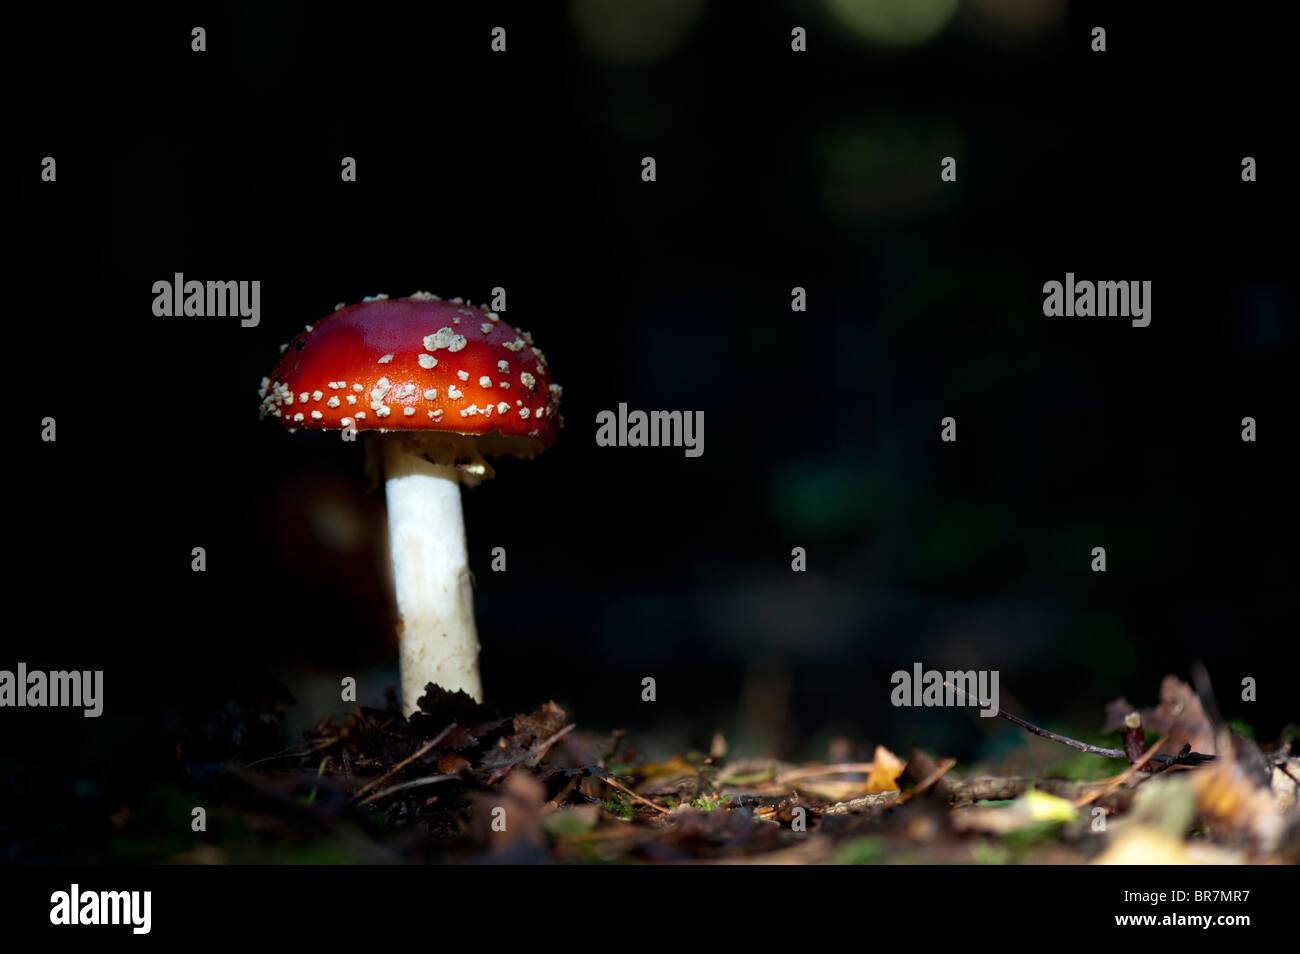 """Amanita muscaria, la del """"reig bord"""" las setas en un bosque inglés. Foto de stock"""